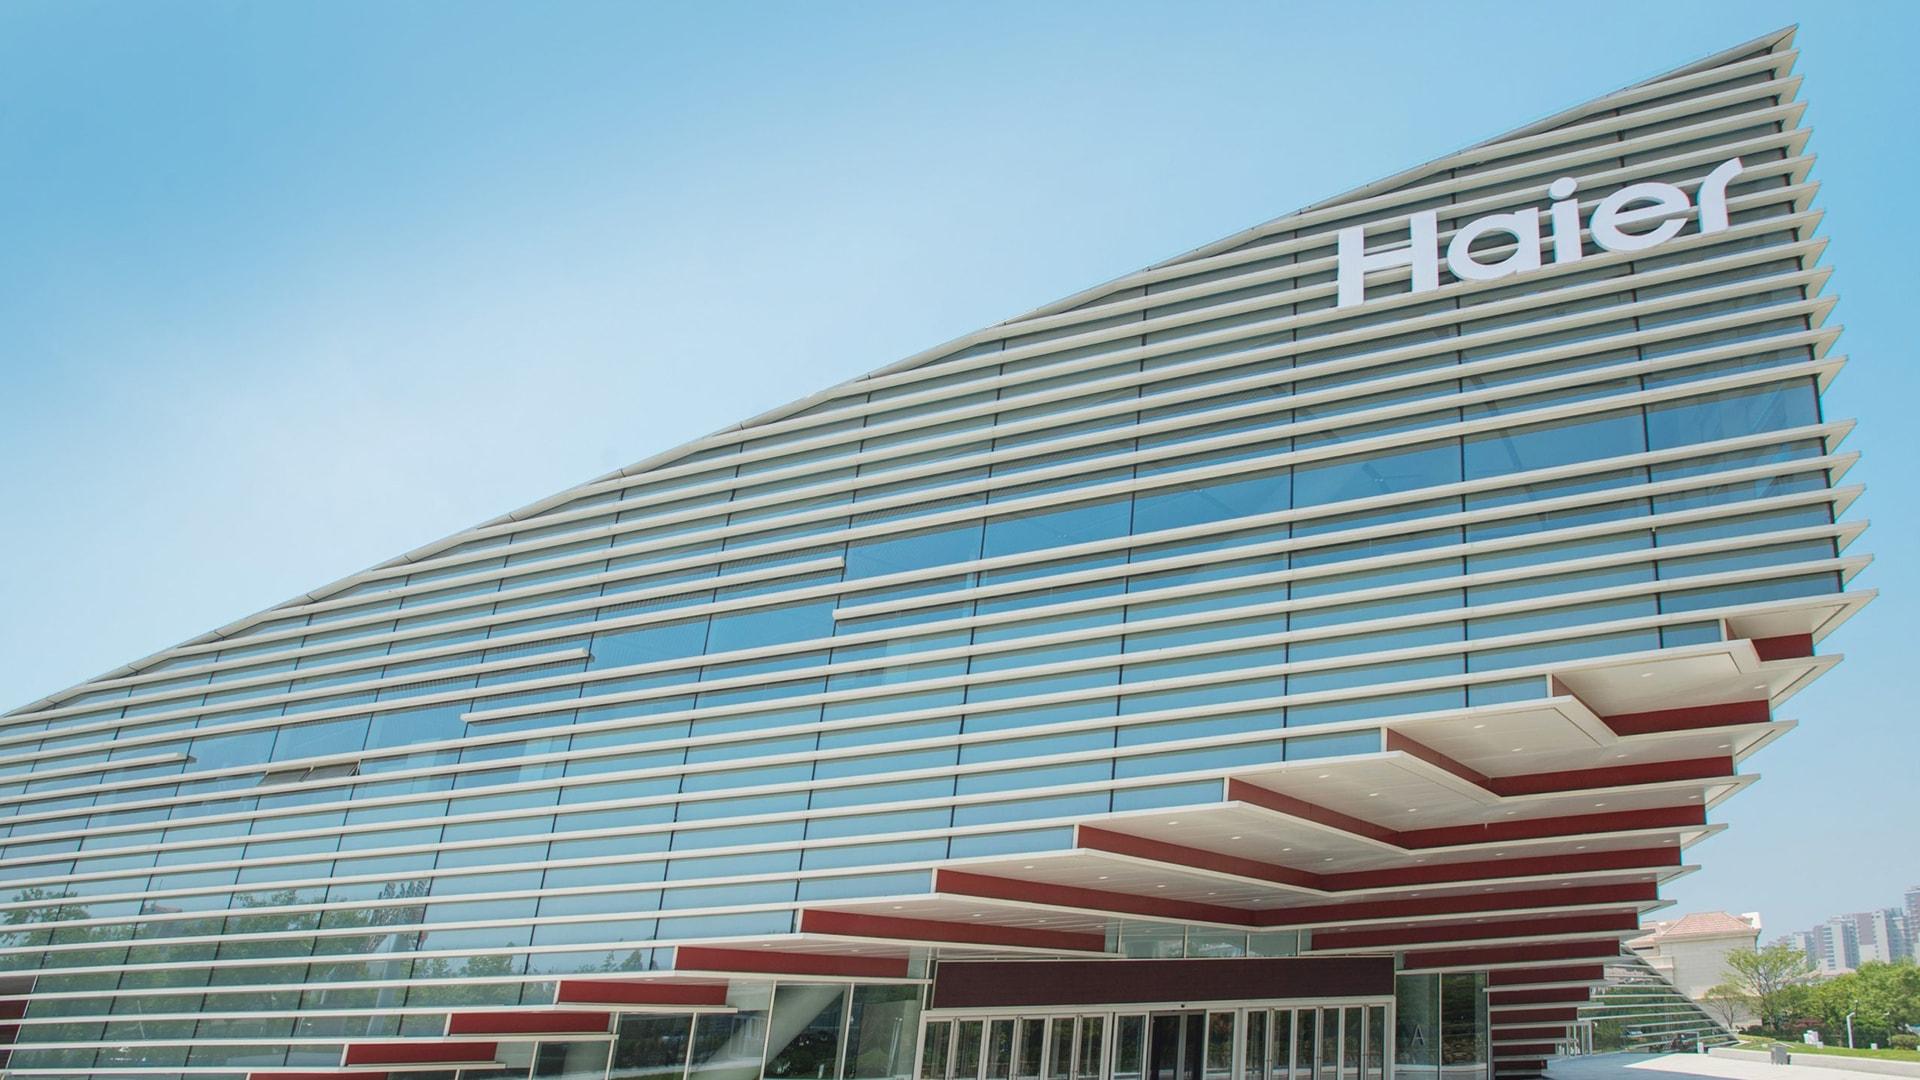 海尔集团品牌营销执行摘要和目录